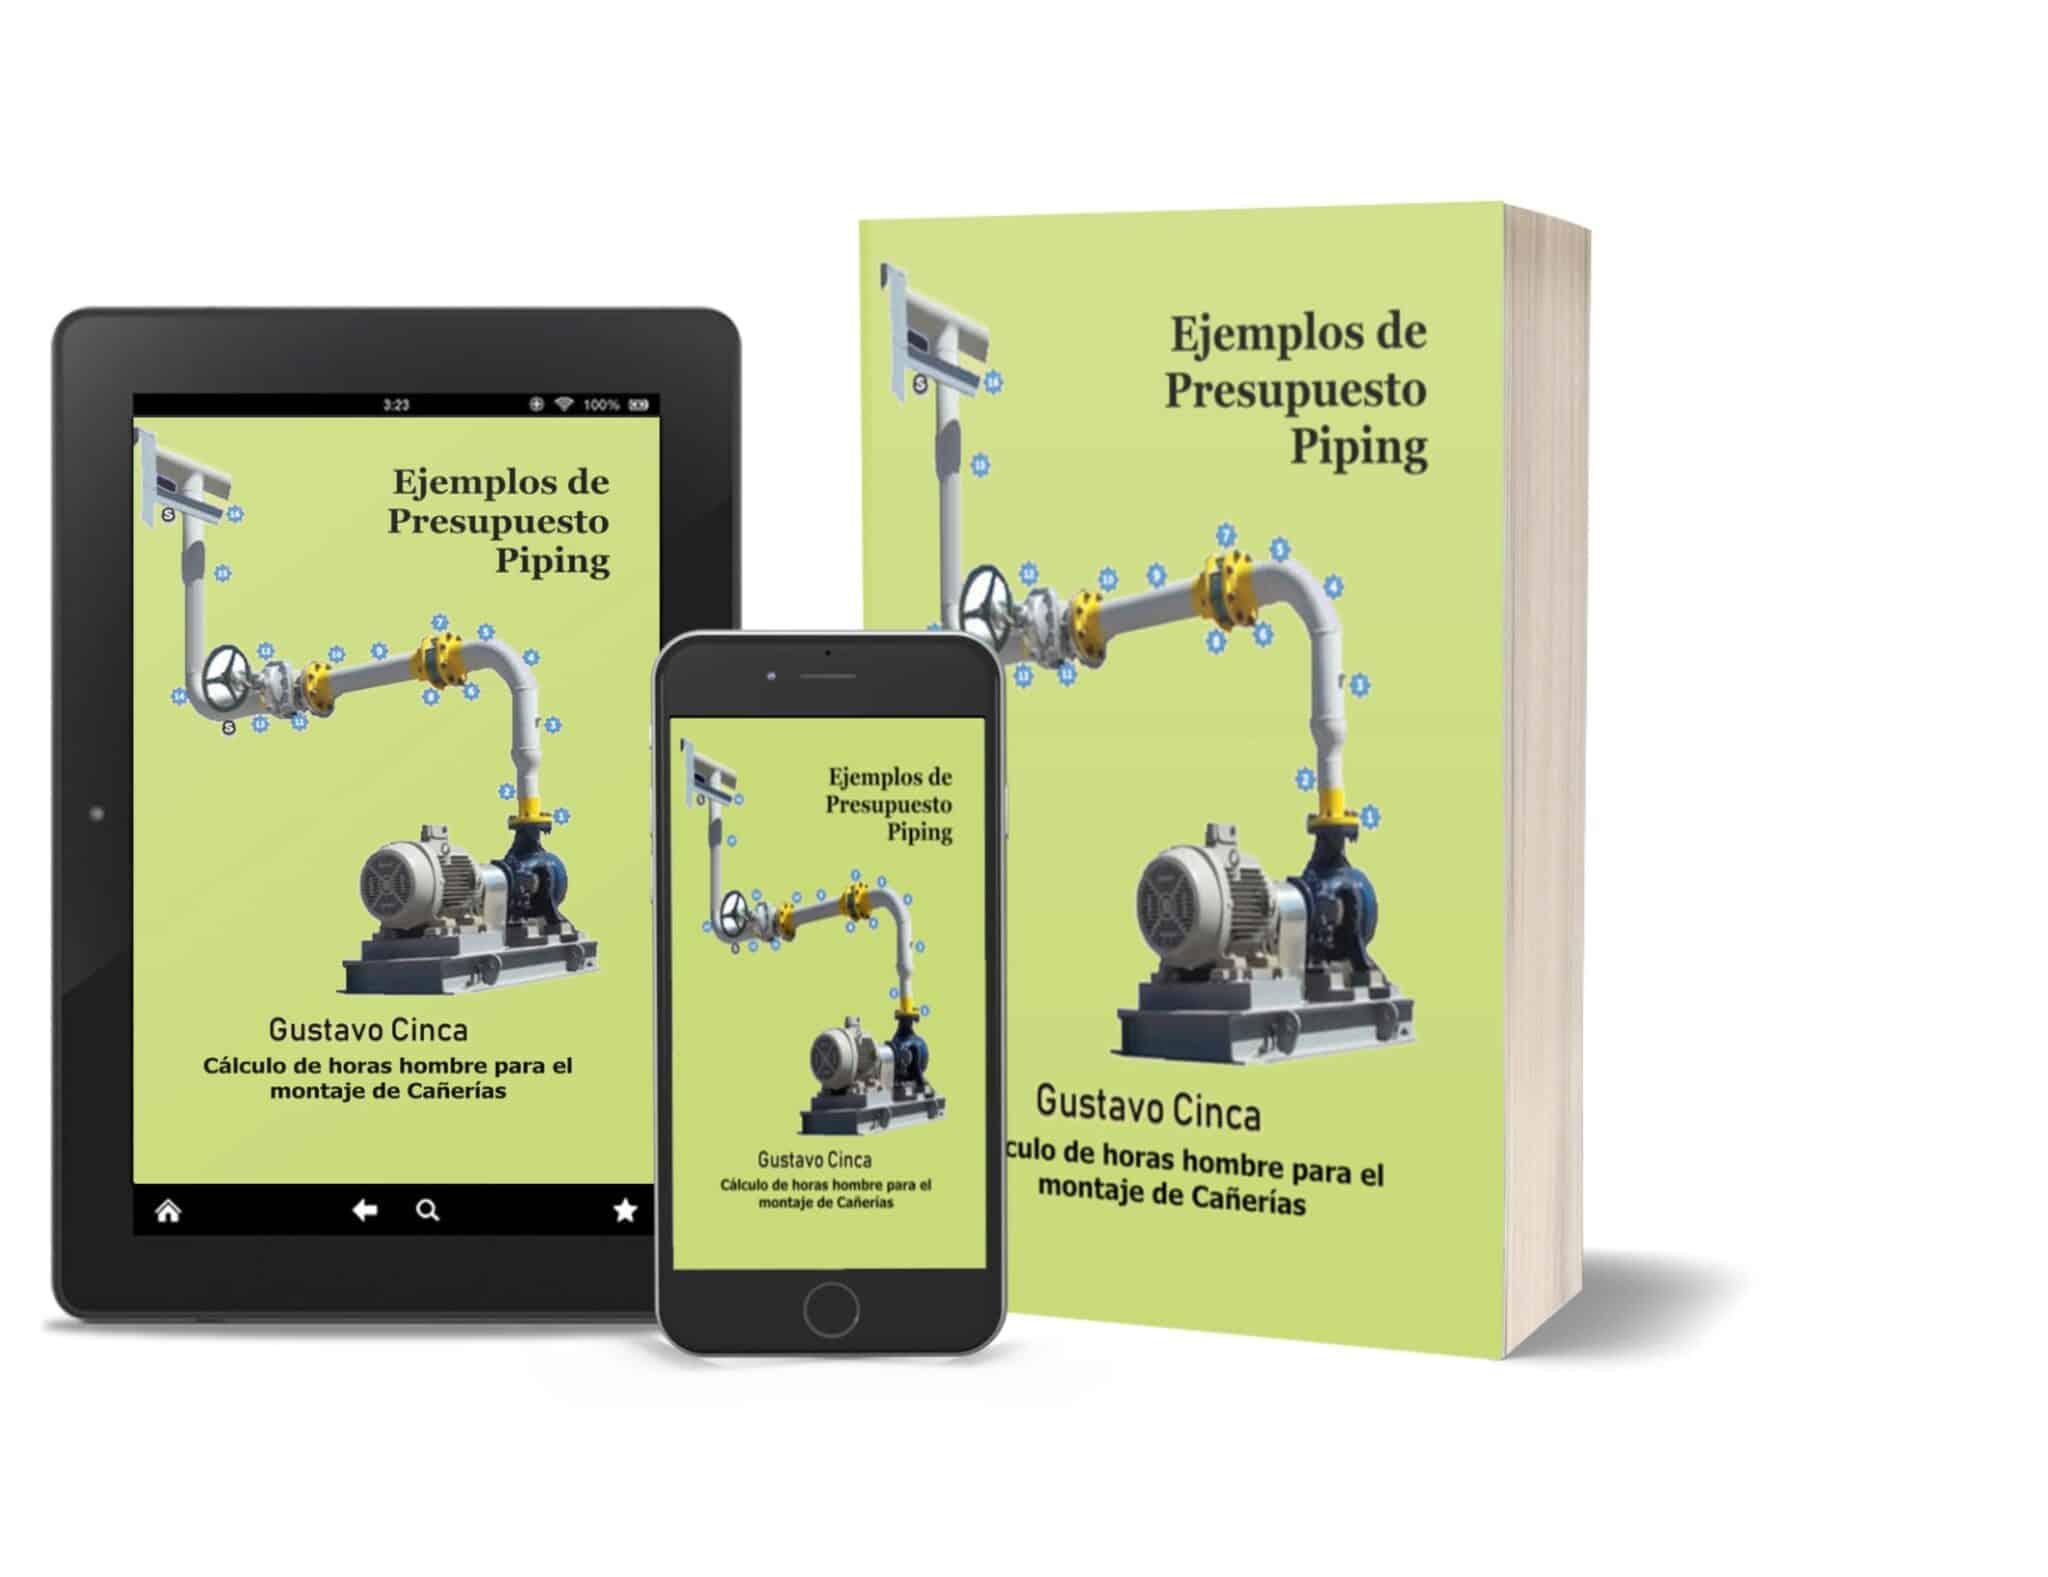 Ejemplos de Presupuesto - Piping: Cálculo de Horas Hombre para el Montaje de Cañerías con Ejemplos